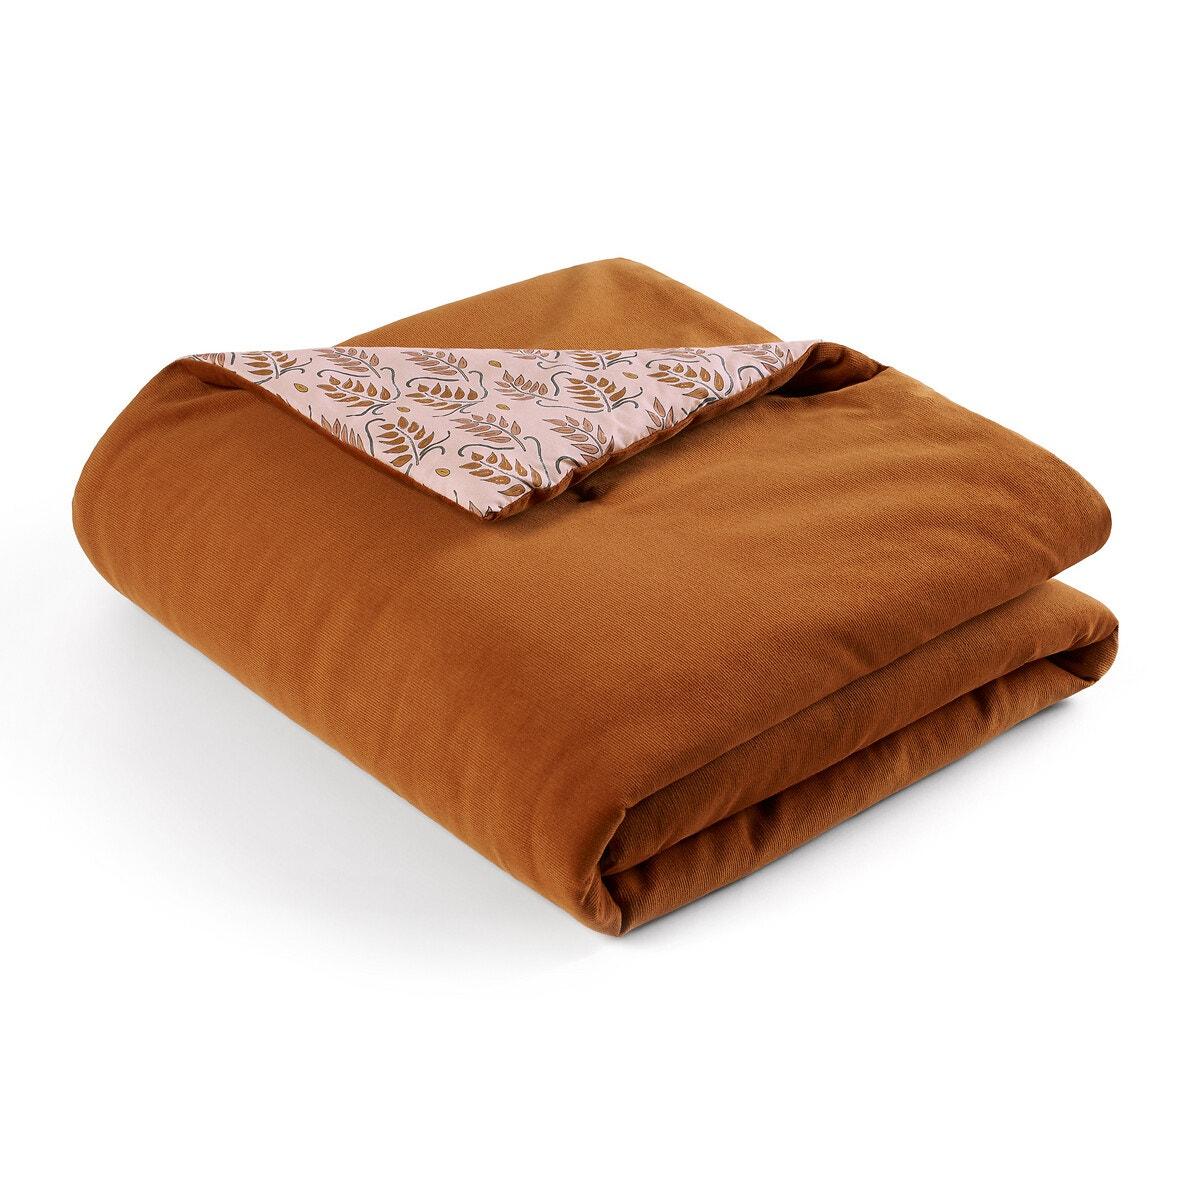 DARIO ベロア/ウォッシュ加工コットン キルト中綿入りベッドスプレッド リバーシブル